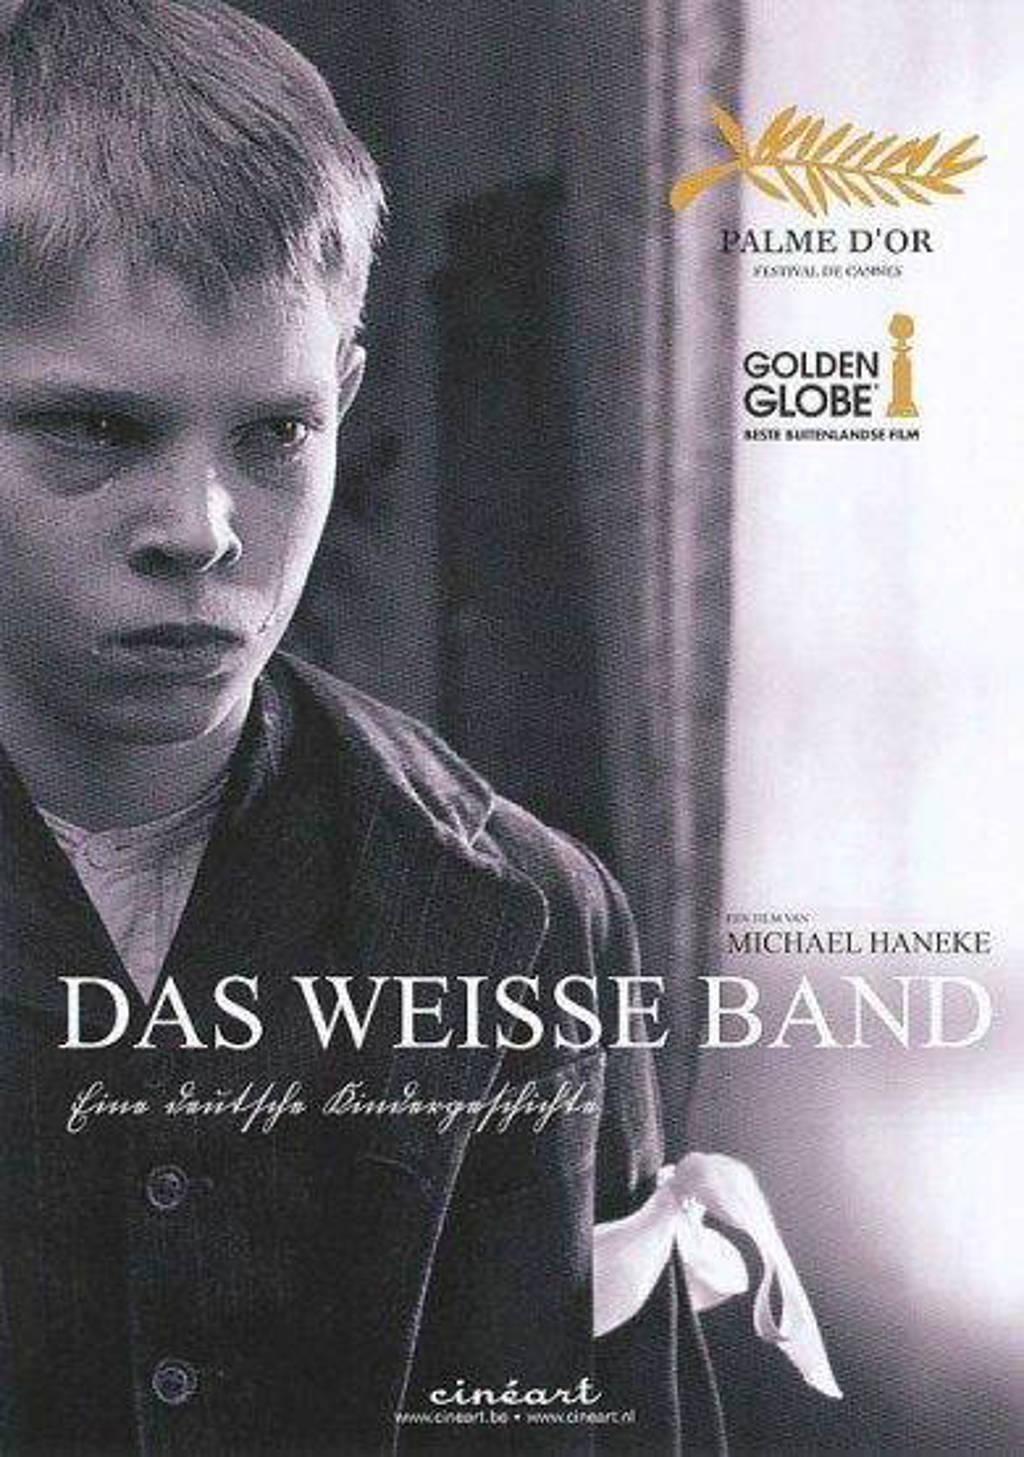 Das Weisse Band (DVD)